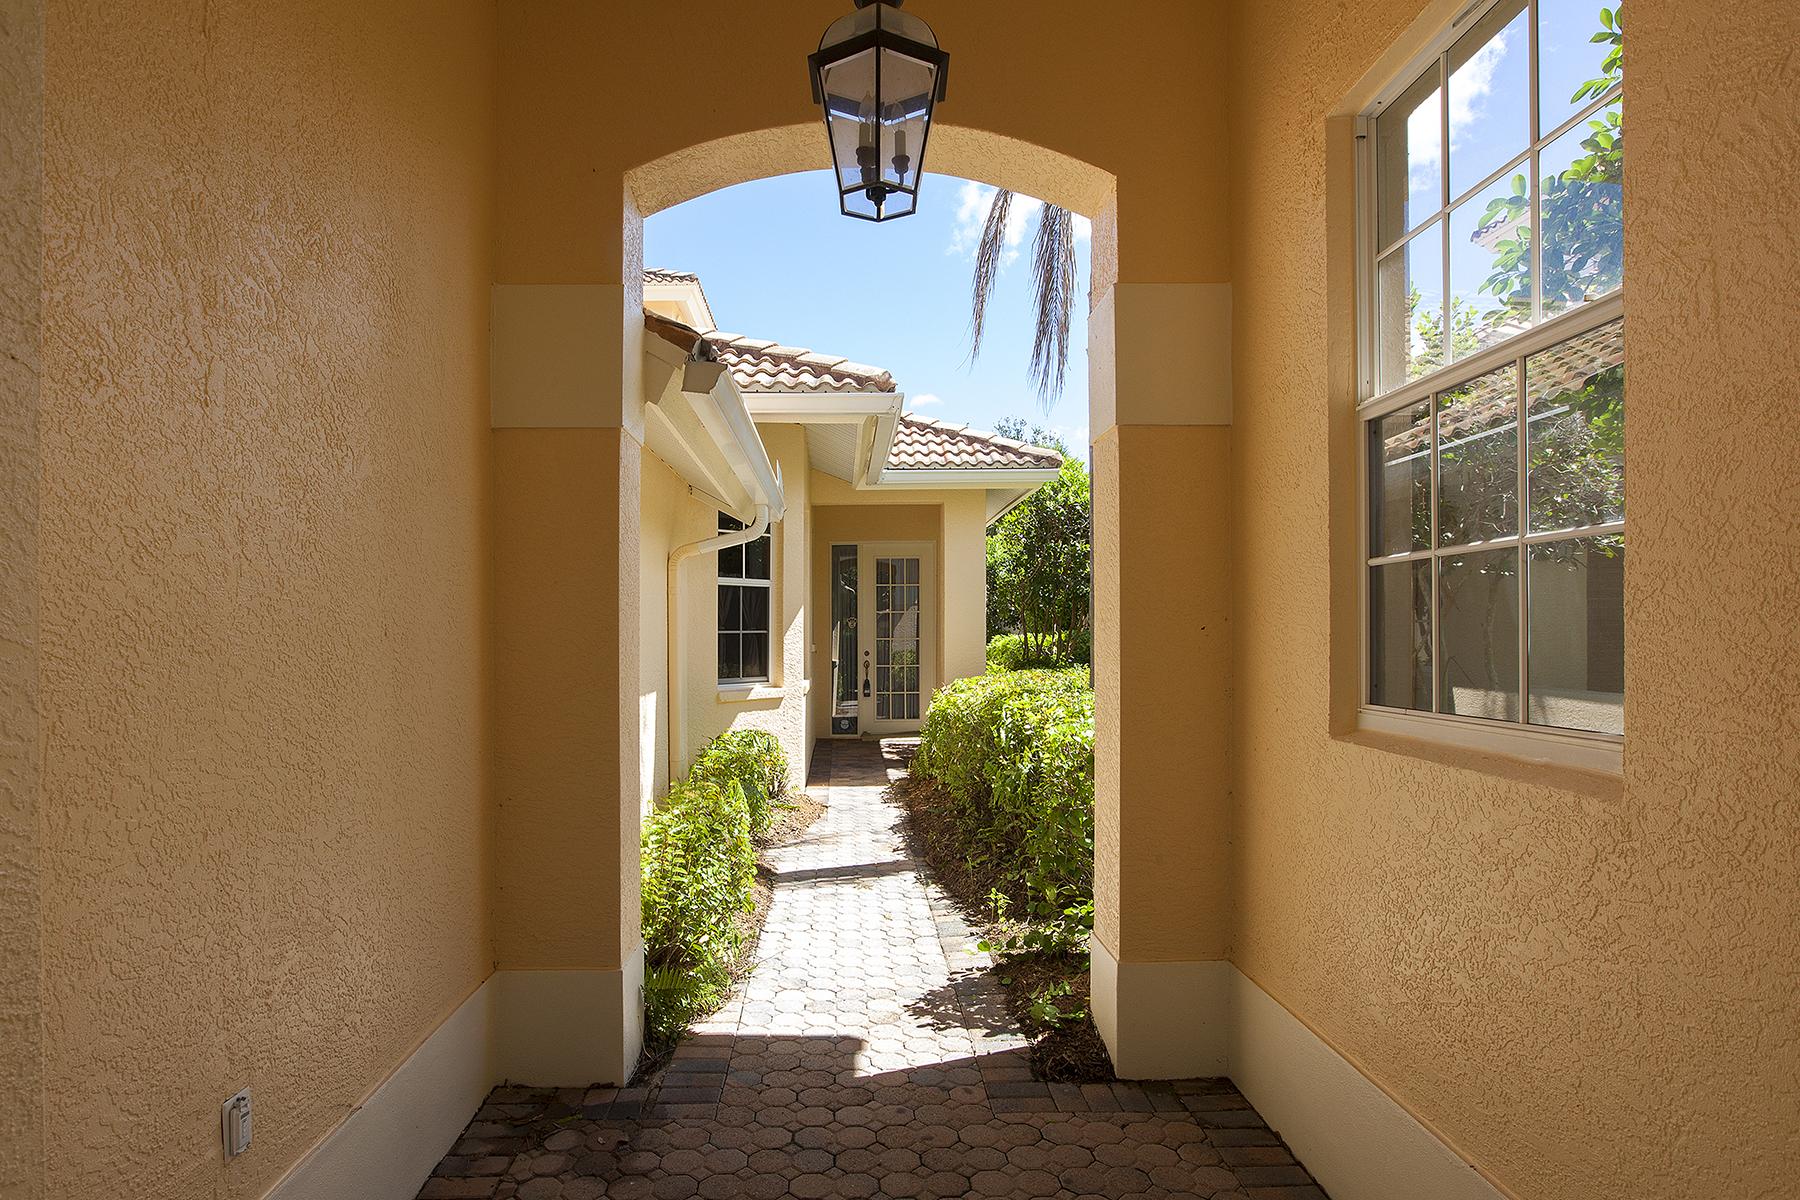 独户住宅 为 销售 在 FIDDLER'S CREEK - COTTON GREEN 3835 Cotton Green Path Dr Naples, 佛罗里达州 34114 美国